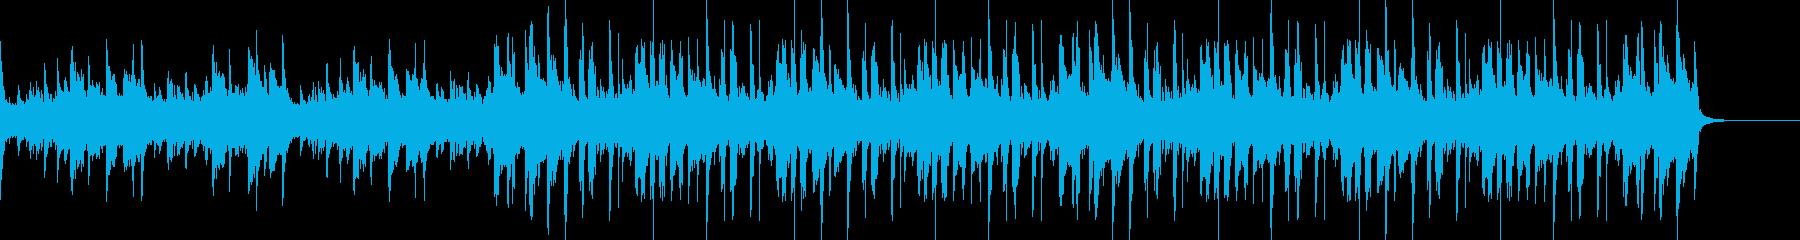 古臭いジャズホップの再生済みの波形